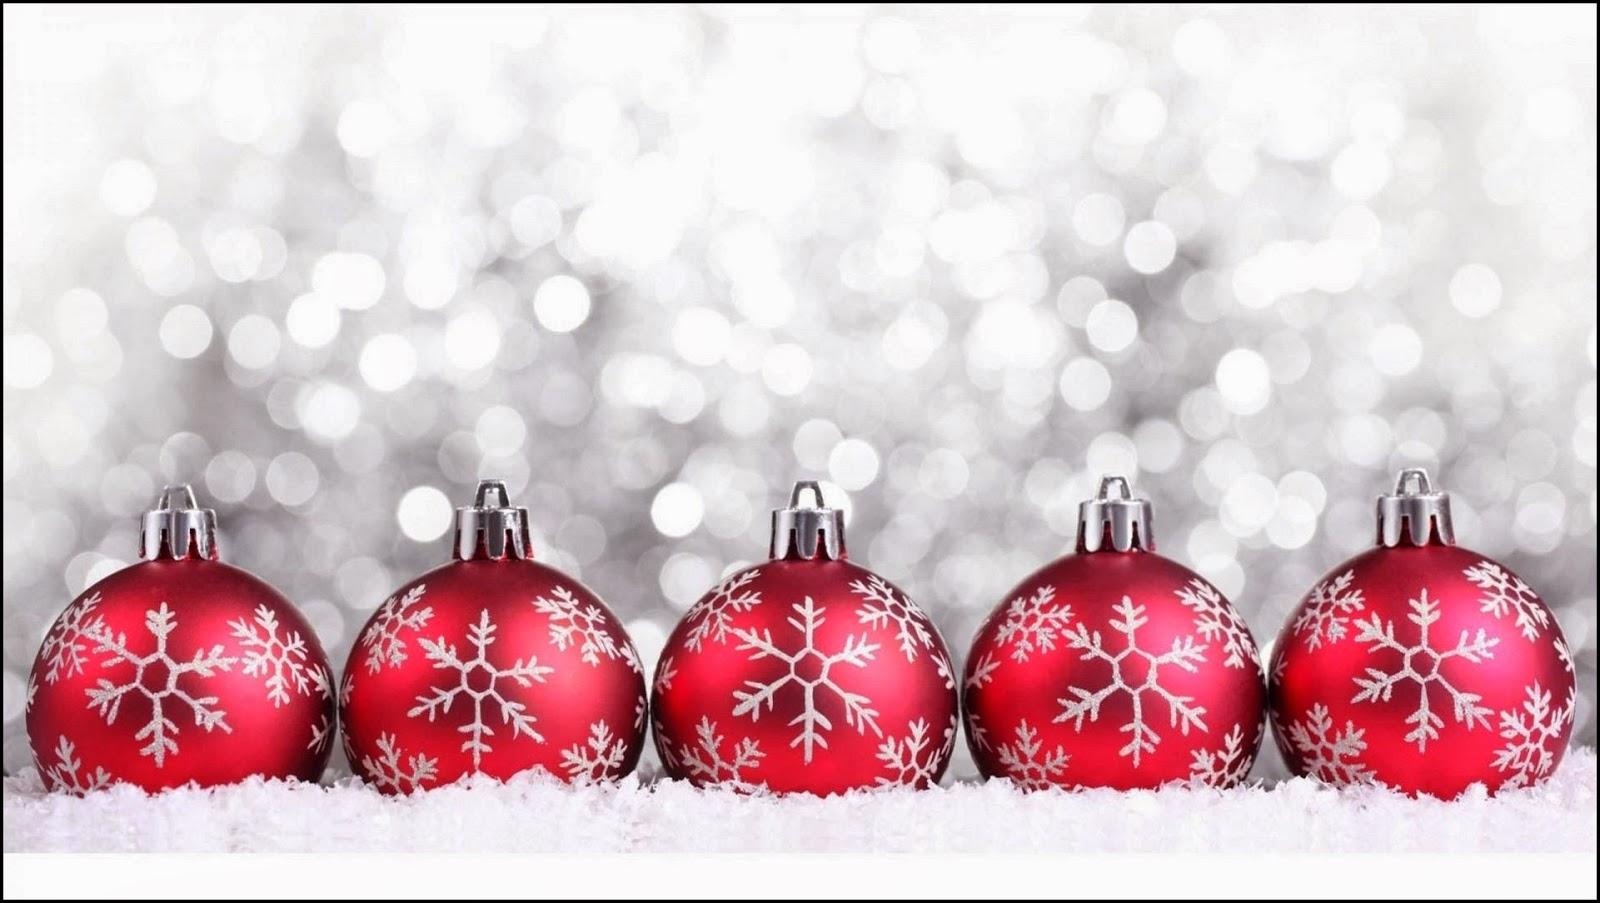 5 bolas navideñas